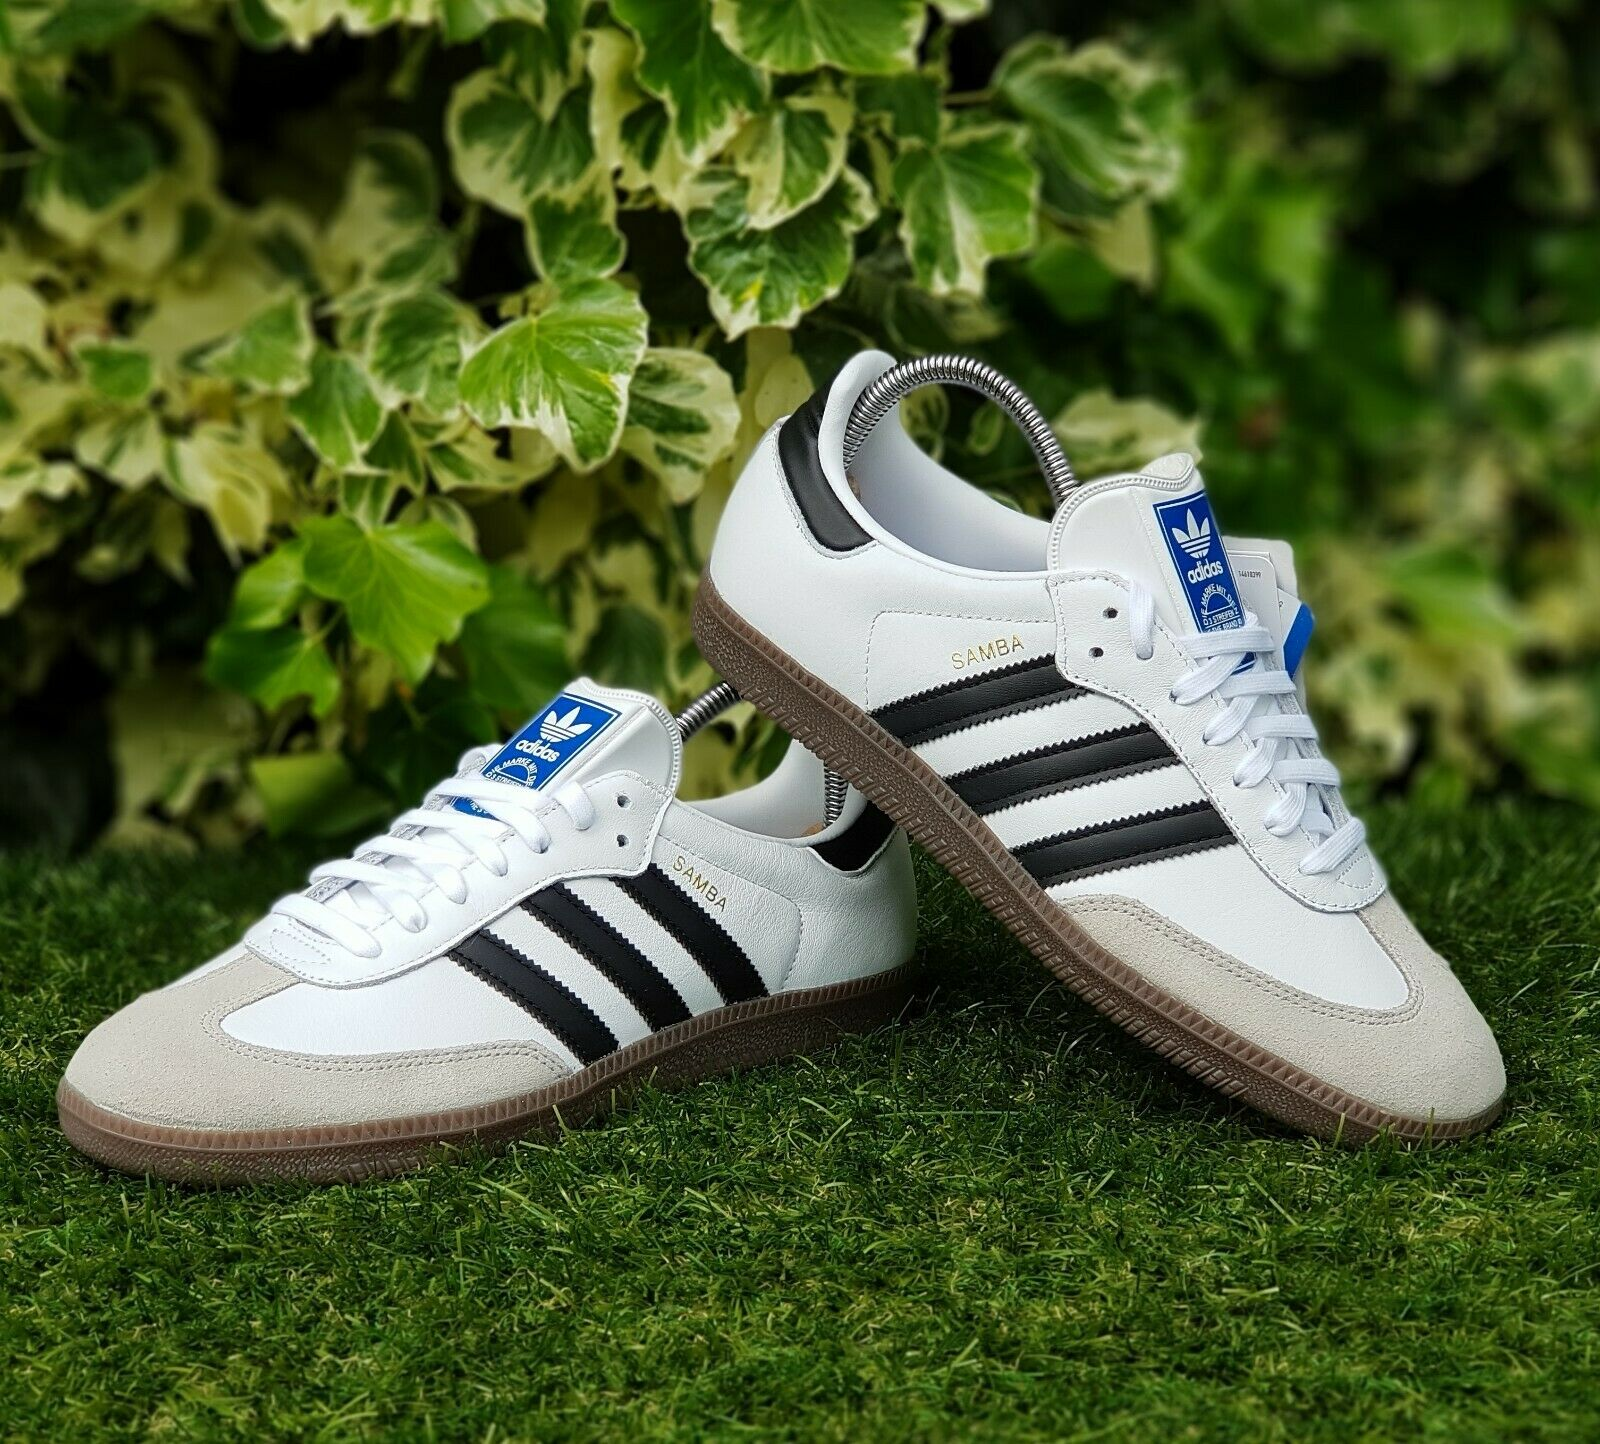 BNWB & auténticos Adidas Originals ® Samba og En Cuero blancooo Entrenadores UK Talla 8